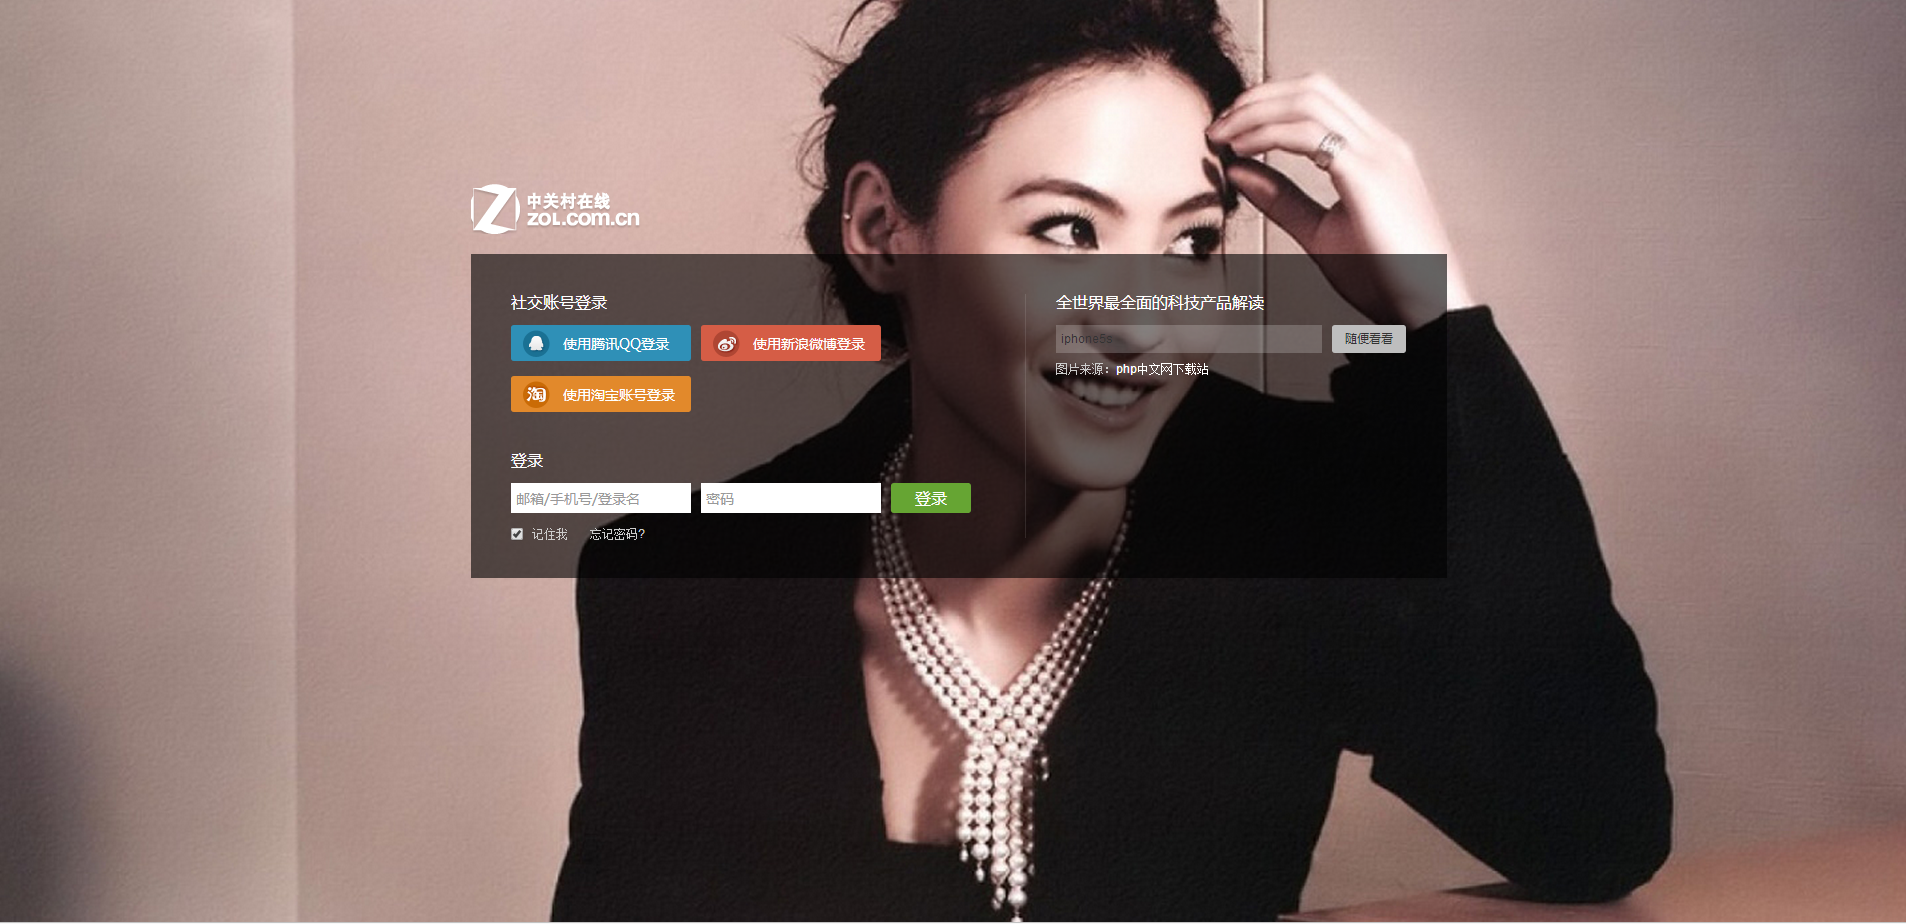 仿中关村在线背景大图登录页面模板html源码下载